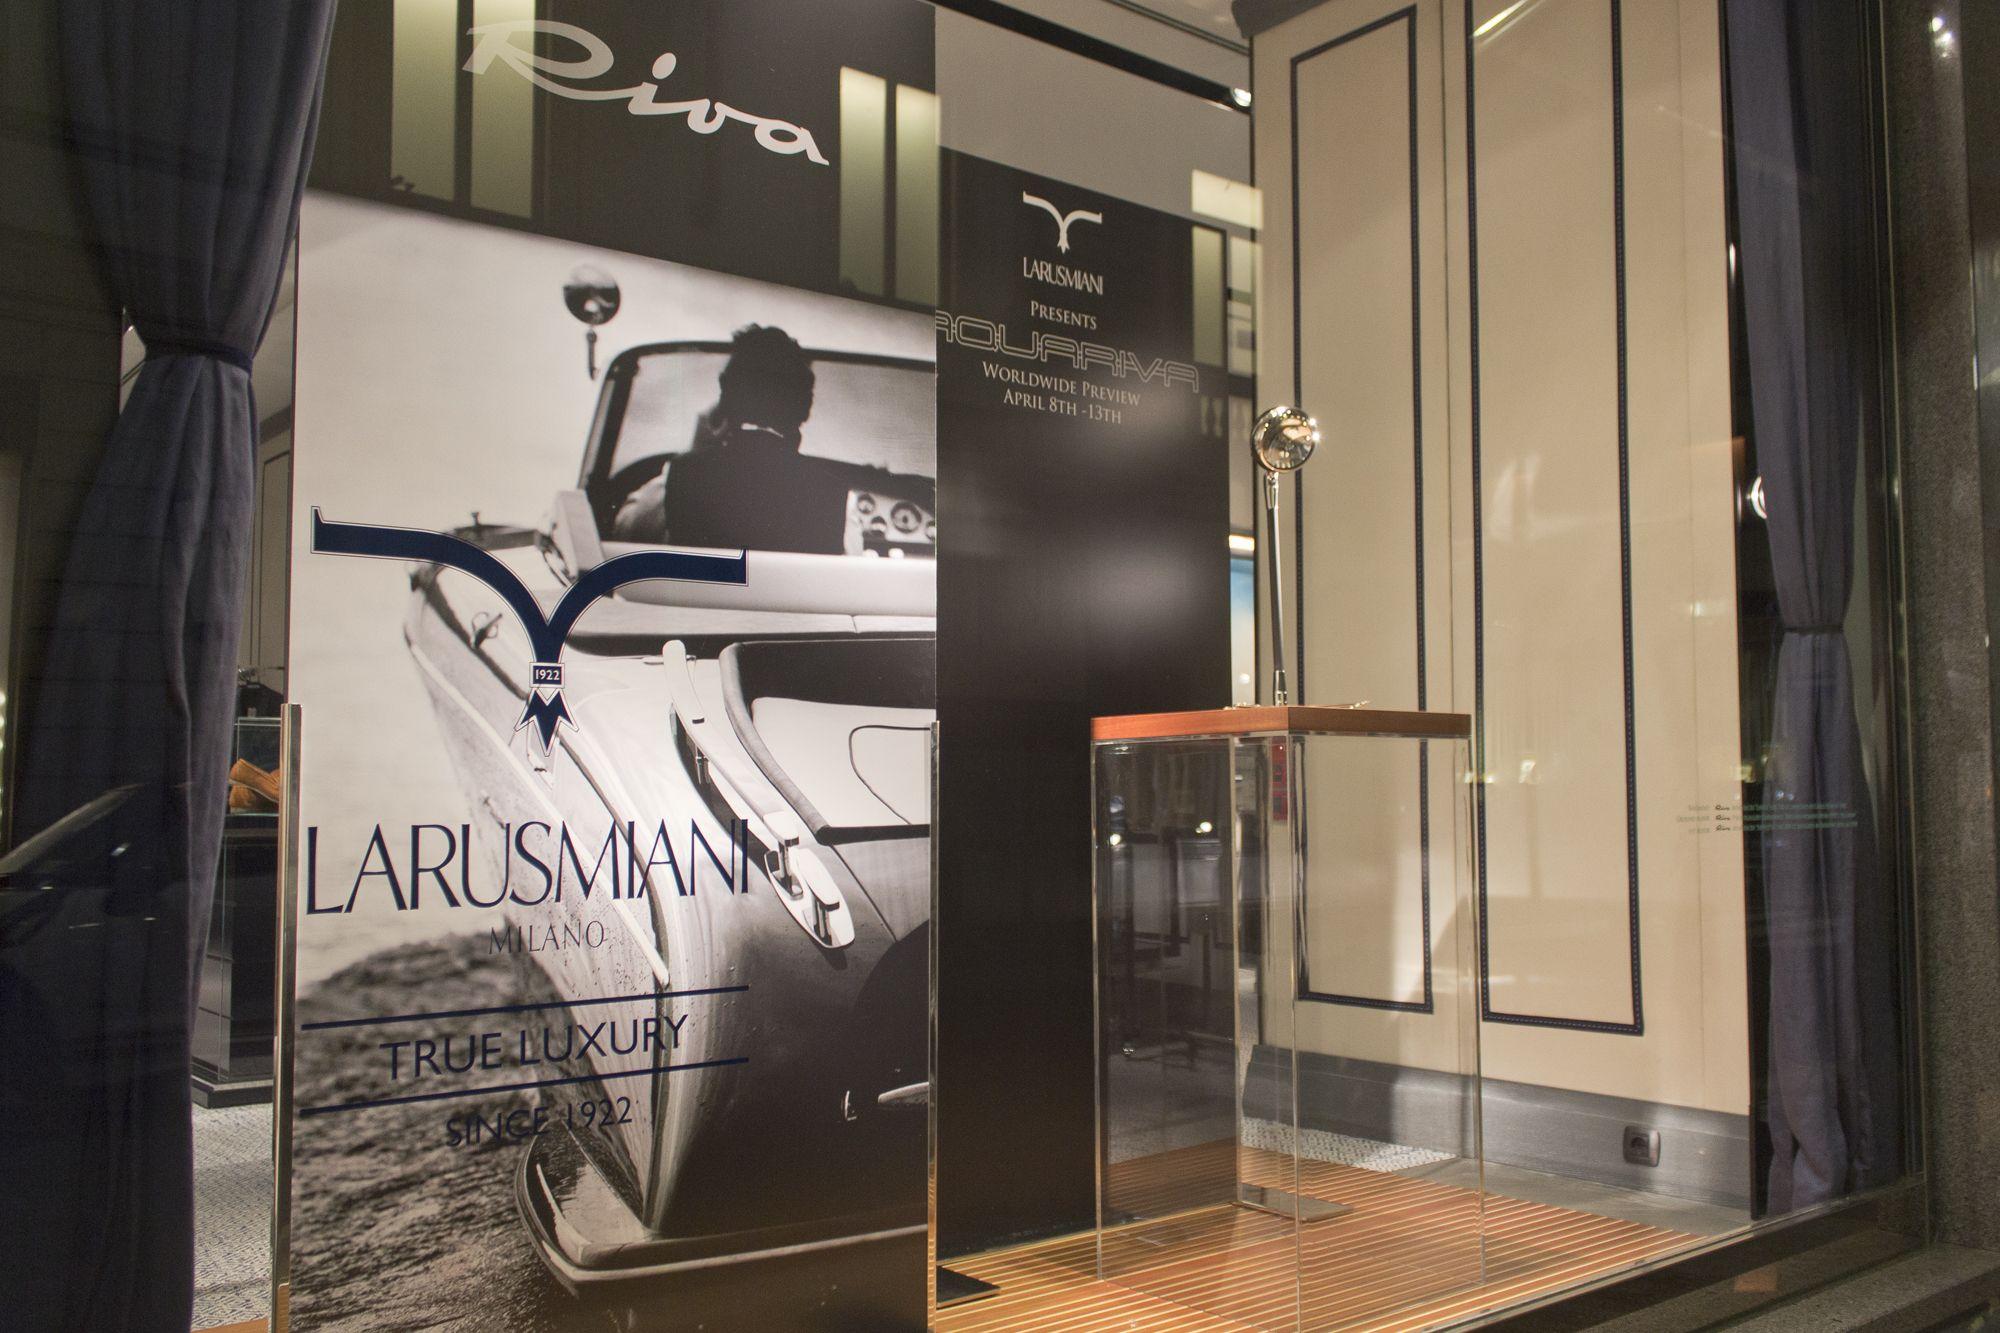 Larusmiani Concept Boutique – Worldwide Preview Aquariva 8th – 13th April #Larusmiani #rivayacht #fuorisalone #MilanDesignWeek #Aquariva @FerrettiGroup